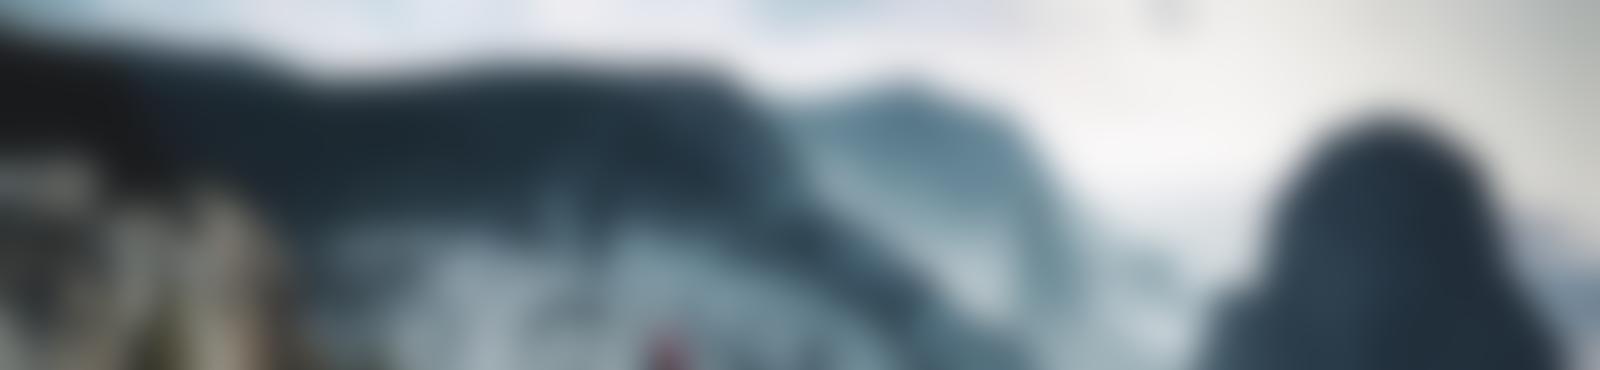 Blurred a58ec681 9b0f 4db2 a86d a65d1599ab49